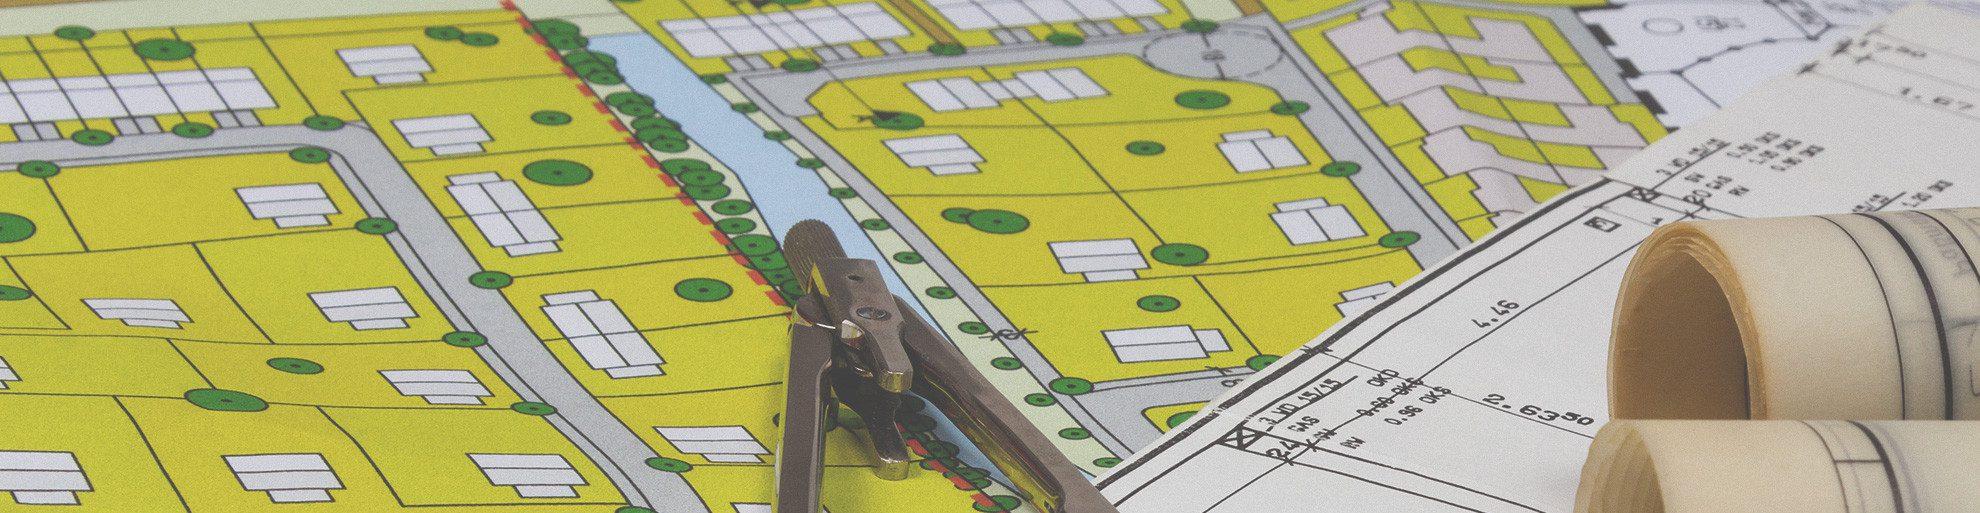 Aménagement du territoire et urbanisme